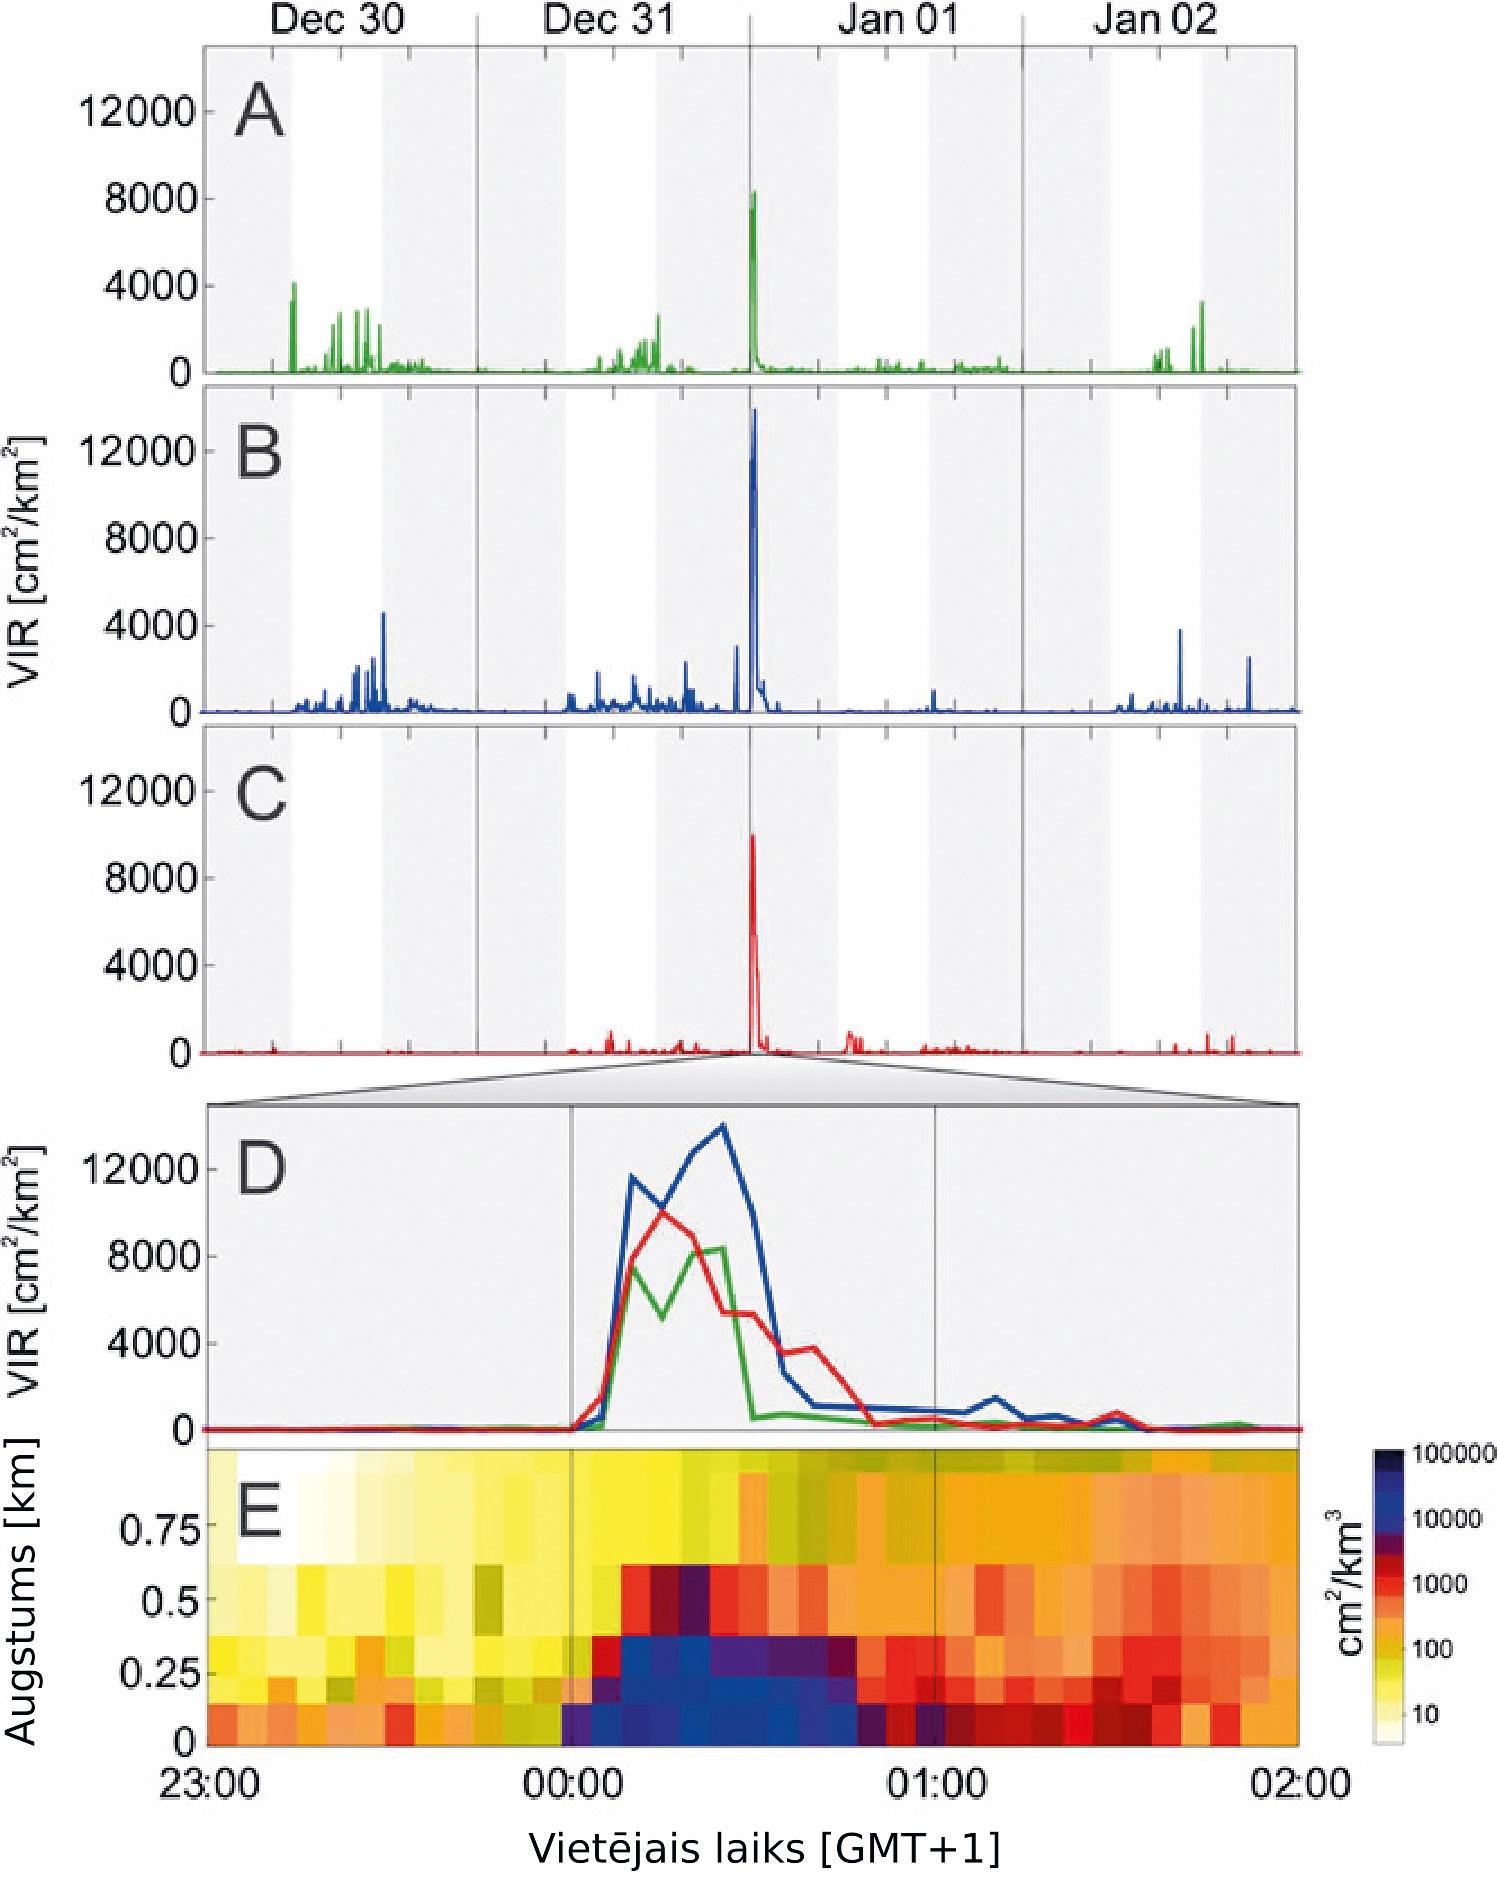 1. ATTĒLS. Putnu aktivitātes mērījumi pētījumu reģionā 3 gadu periodā laika posmā no 30. decembra līdz 2. janvārim, izmantojot nokrišņu radaru. Baltās un pelēkās līnijas atspoguļo diennakts sadalījumu gaišajā un tumšajā laikā. VIR jeb vertikāli integrētā atstarojamība – lielums, kas izmantots putnu aktivitātes mērīšanai: jo lielāks VIR, jo vairāk lidojošu putnu. (No Shamoun-Baranes et al., 2011). A – 2007/2008, B – 2008/2009, C – 2009/2010. Katru gadu pusnaktī no 31. decembra uz 1. janvāri vērojams straujš lidojošu putnu skaita pieaugums, kāds nav novērots iepriekšējā naktī un pēc tam. D – Traucējuma atspoguļojums laika posmā no 23:00 līdz 02:00. Zaļš – 2007/2008, zils – 2008/2009, sarkans – 2009/2010. Redzams, ka lielākā daļa putnu gaisā uzturas 40–45 minūtes. E – gaisā esošo putnu daudzums un lidojuma augstums 2008./2009. gadu mijā. Tumšāka krāsa norāda uz lielāku skaitu lidojošu putnu. Redzams, ka izbiedētie putni pacēlušies līdz pat 500 m augstumam. /// FIGURE 1. Bird movements at the study site from 30 Dec to 2 Jan in three different years. Grey shaded areas indicate the time between sunset and sunrise. VIR - vertically integrated reflectivity, variable used to measure bird activity, a higher VIR indicates higher bird activity. (Shamoun-Baranes et al., 2011). A - 2007/2008, B - 2008/2009, C - 2009/2010. Every year at midnight between 31 Dec and 1 Jan there is a peak of bird activity, not observed during nights before or after. D - close up of bird movements between 23:00 and 02:00 on New Year's Eve. Green- 2007/2008, blue - 2008/2009, red - 2009/2010. Most of the birds stay in the air for 45 minutes. E - altitude density profile from 2008/2009. Darker colours indicate higher bird densities in the air. Disturbance caused birds to fly up to 500m.